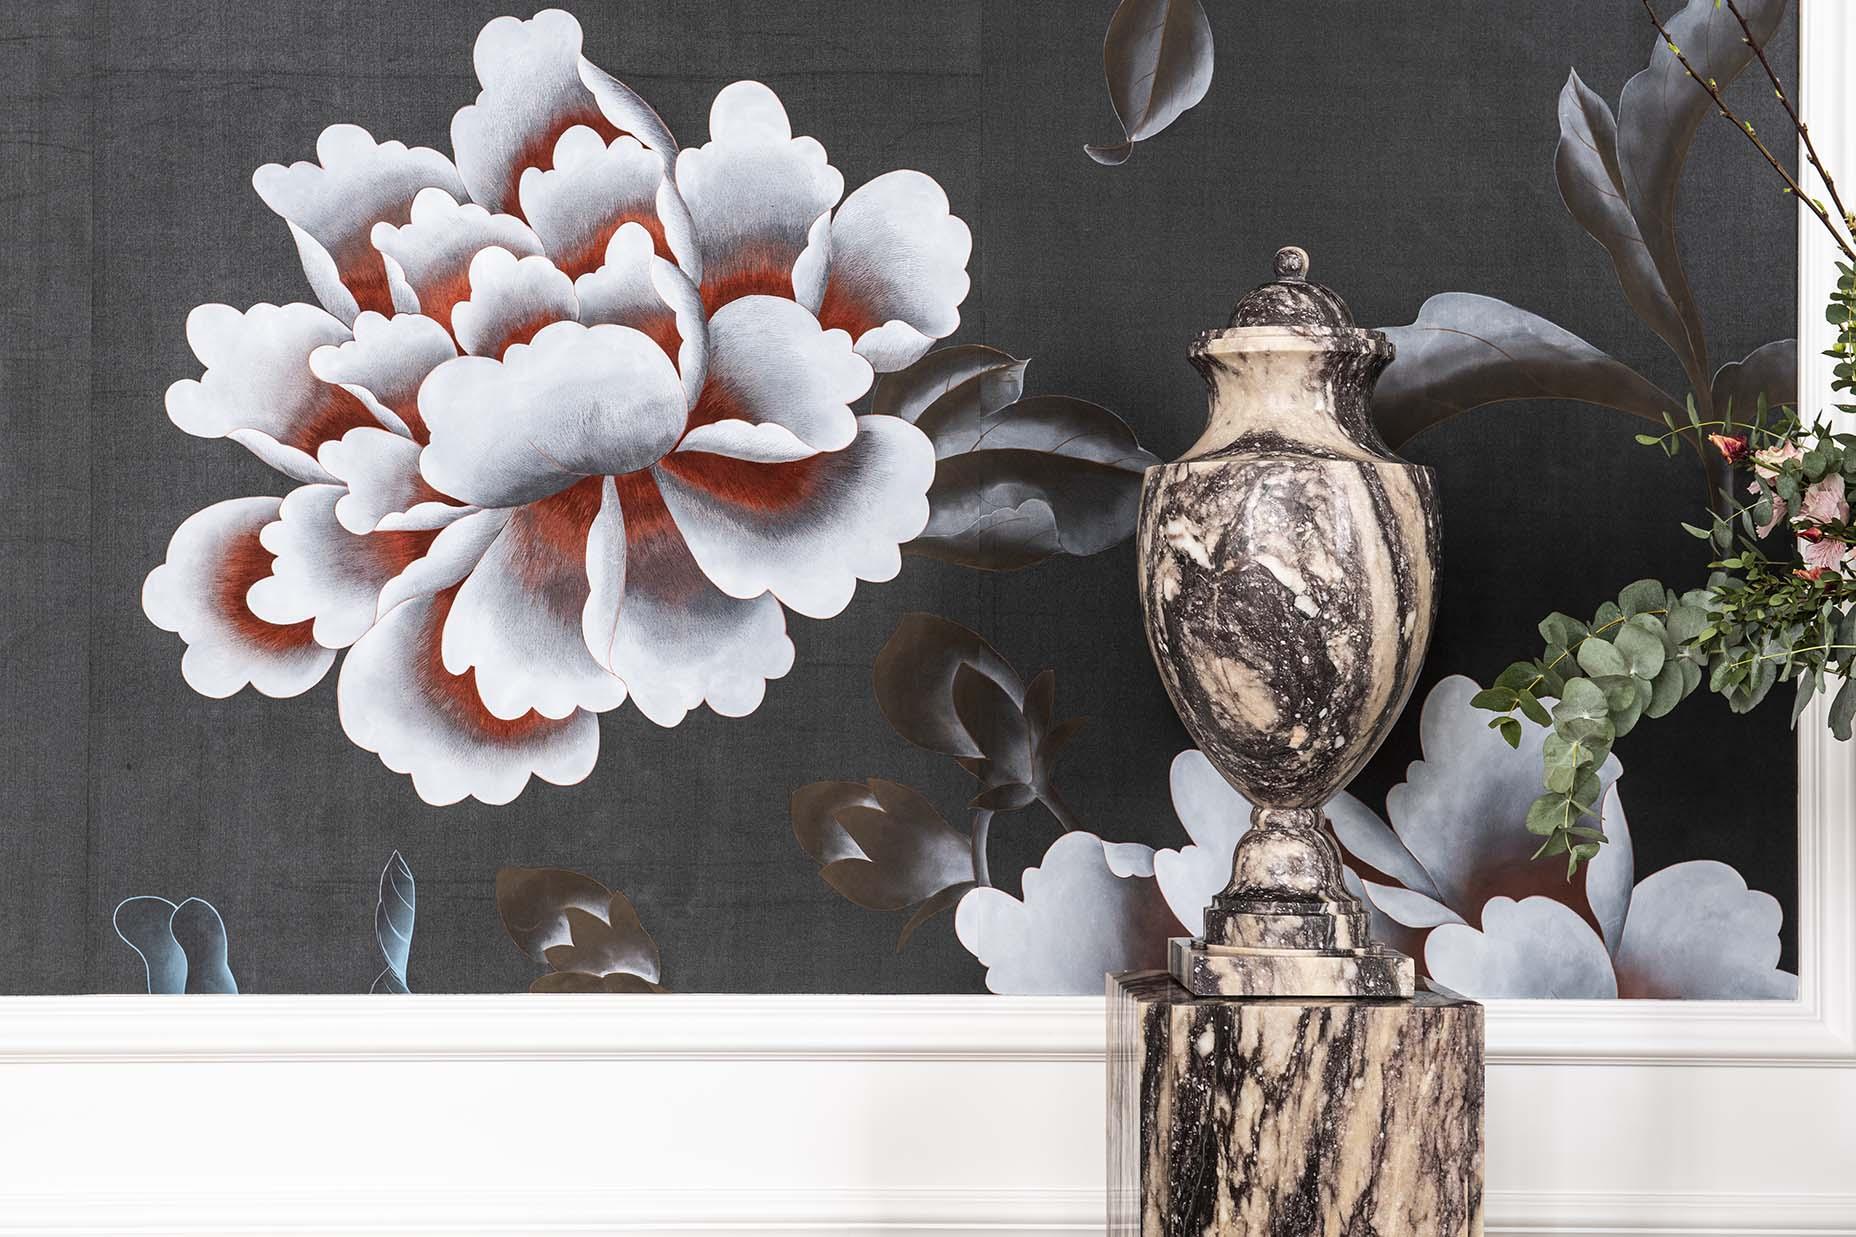 paris deco off event with emblem paris shows chinoiserie wallpaper